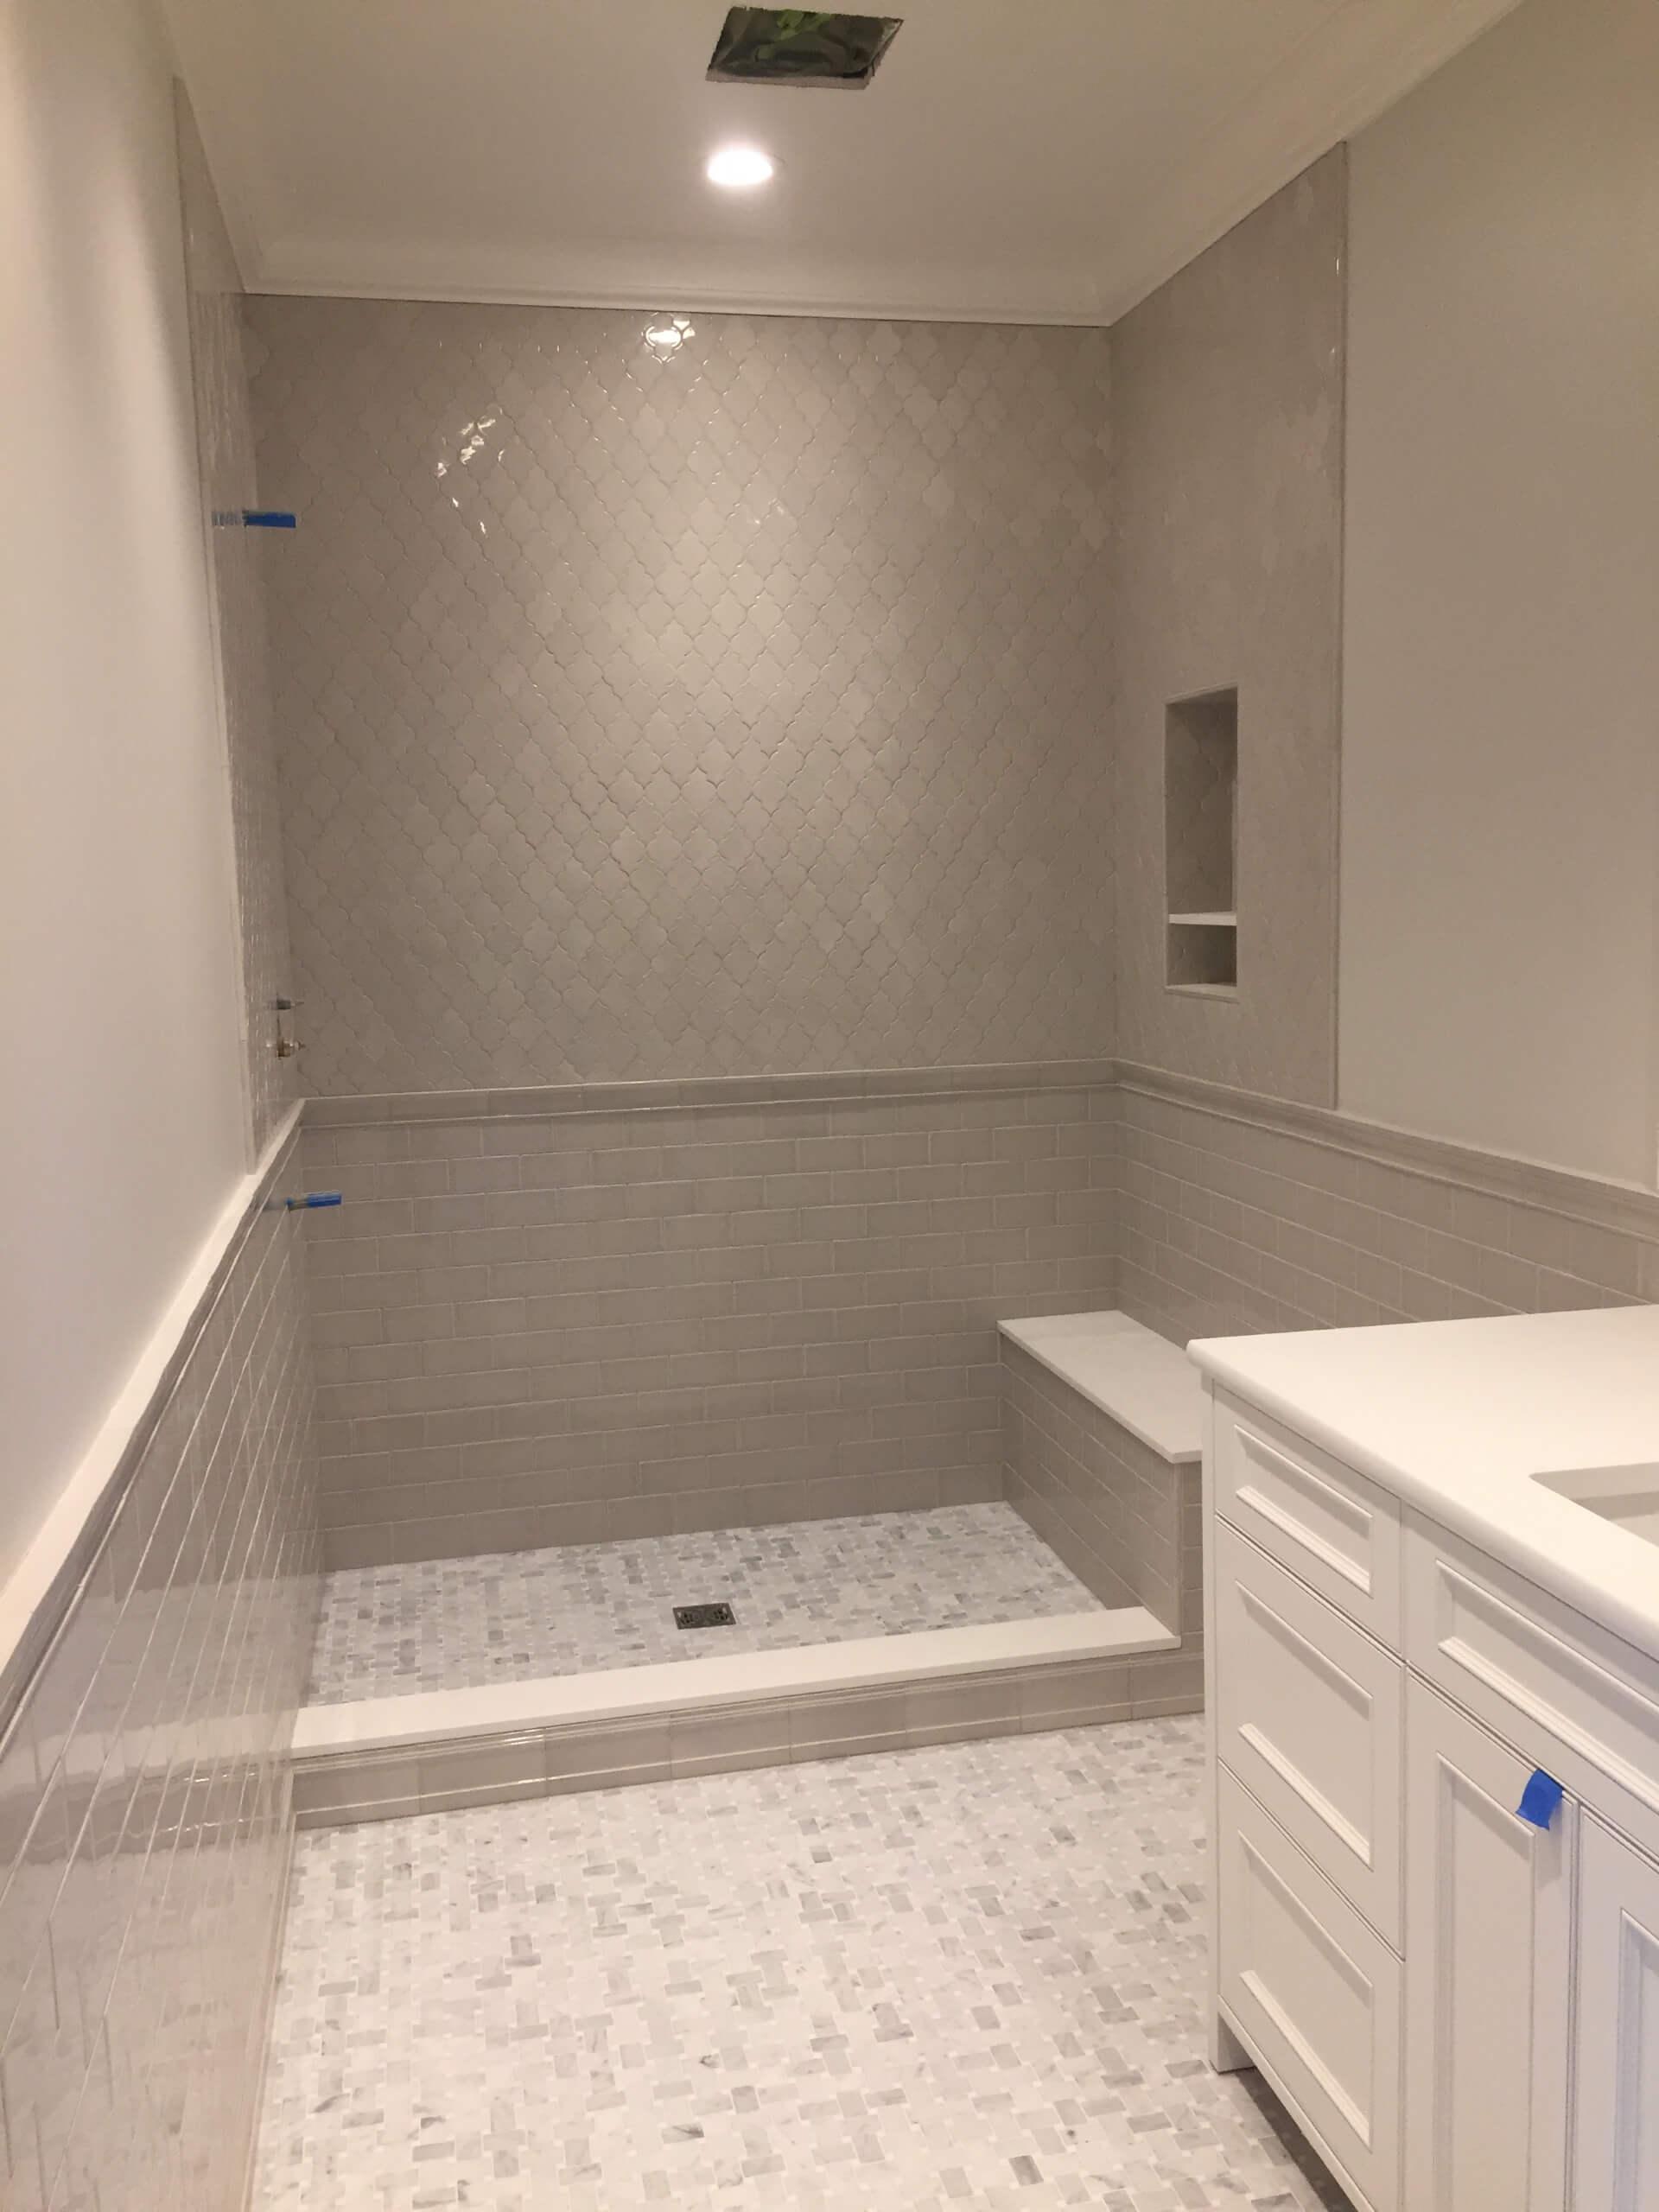 Cost effective bathroom remodeling in Bellevue area